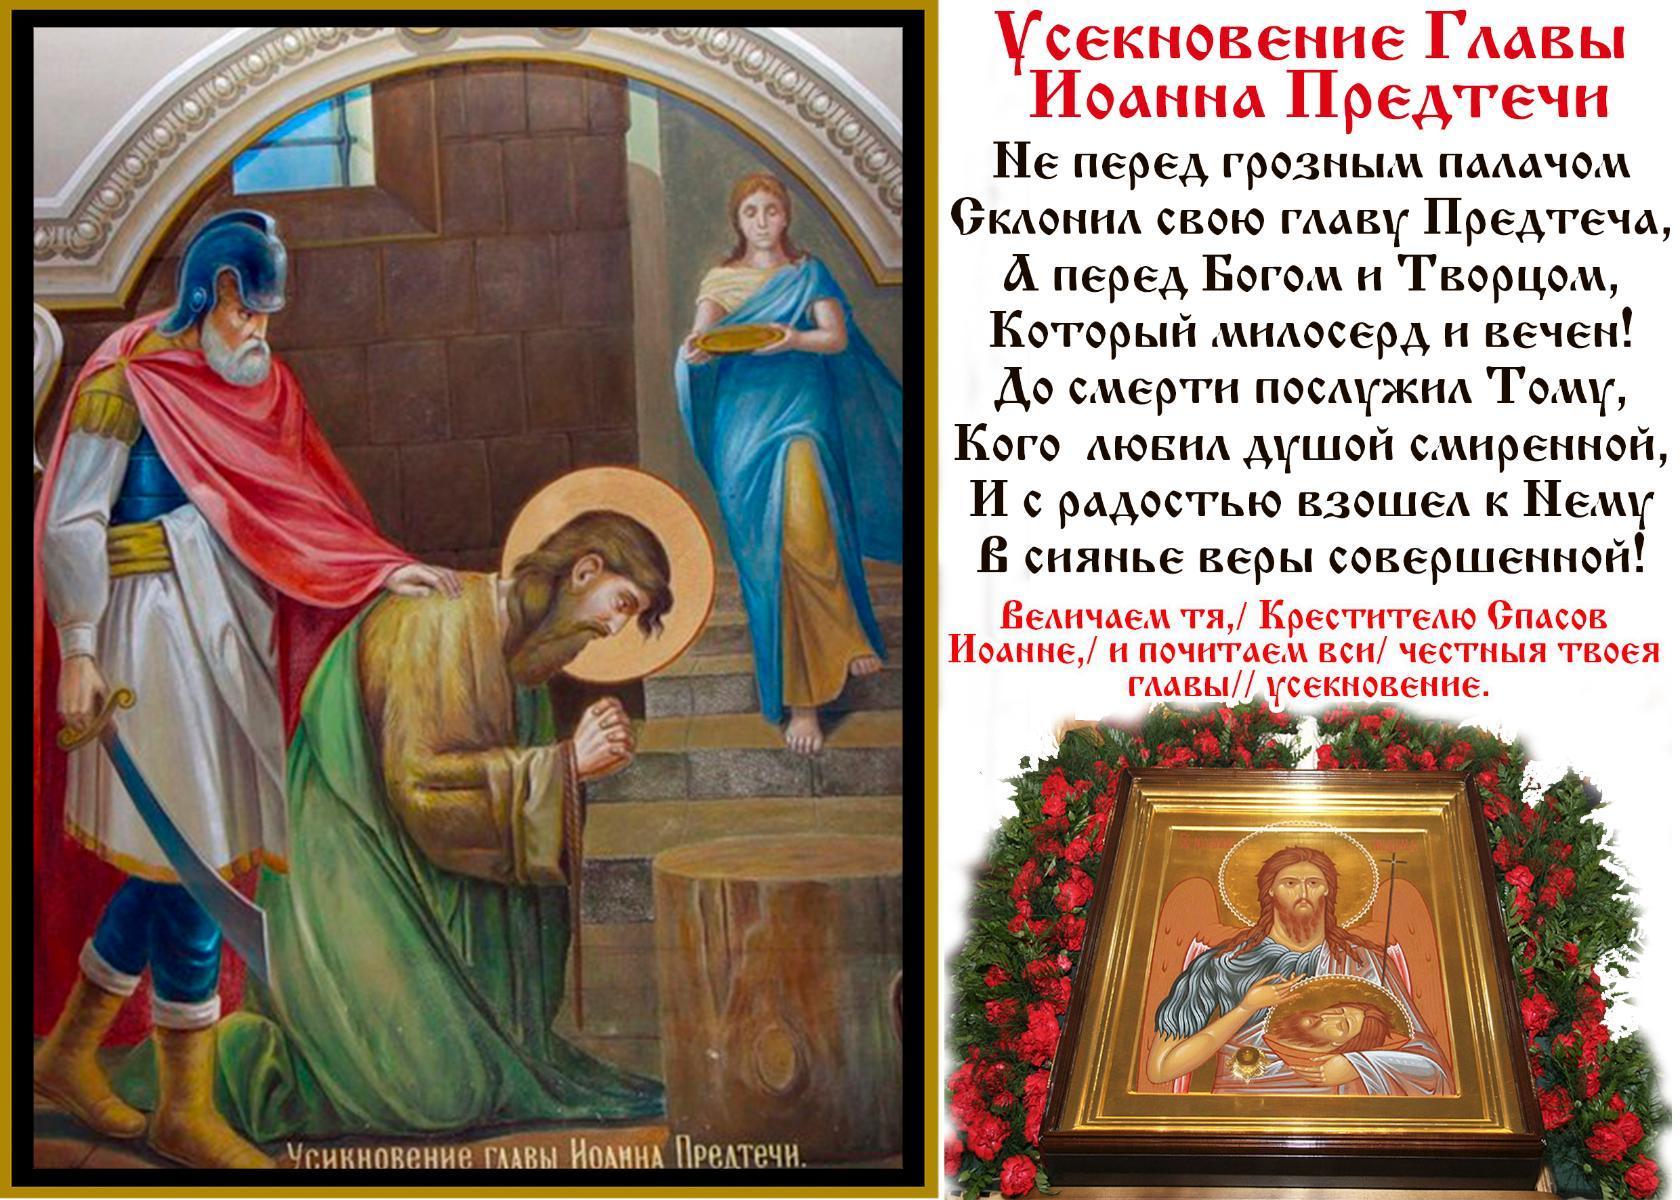 Т.г. шевченко, открытки 11 сентября усекновение главы